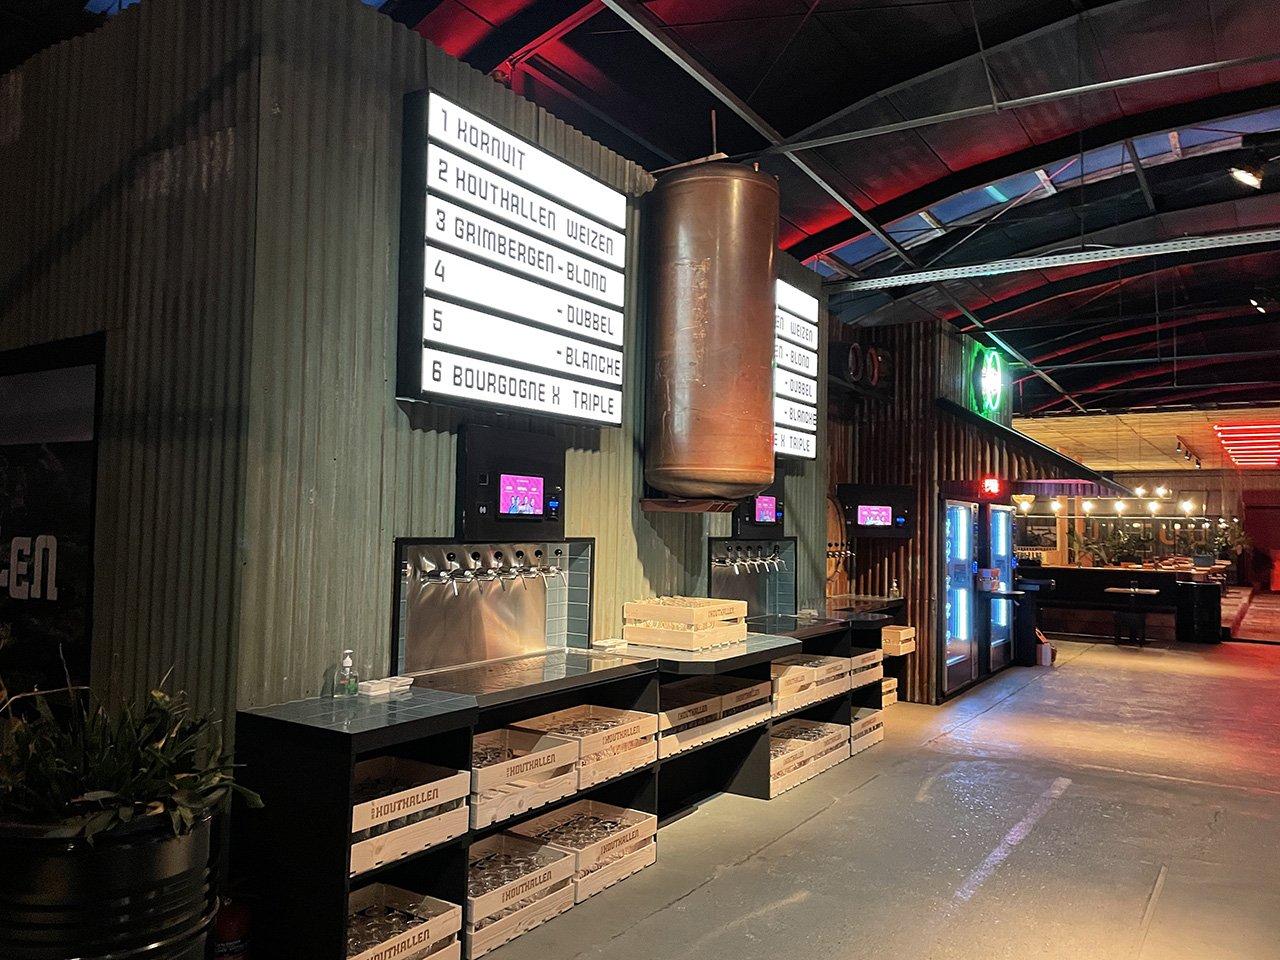 MOYA & De Houthallen - Oosterhout - Oosterhout - Bar